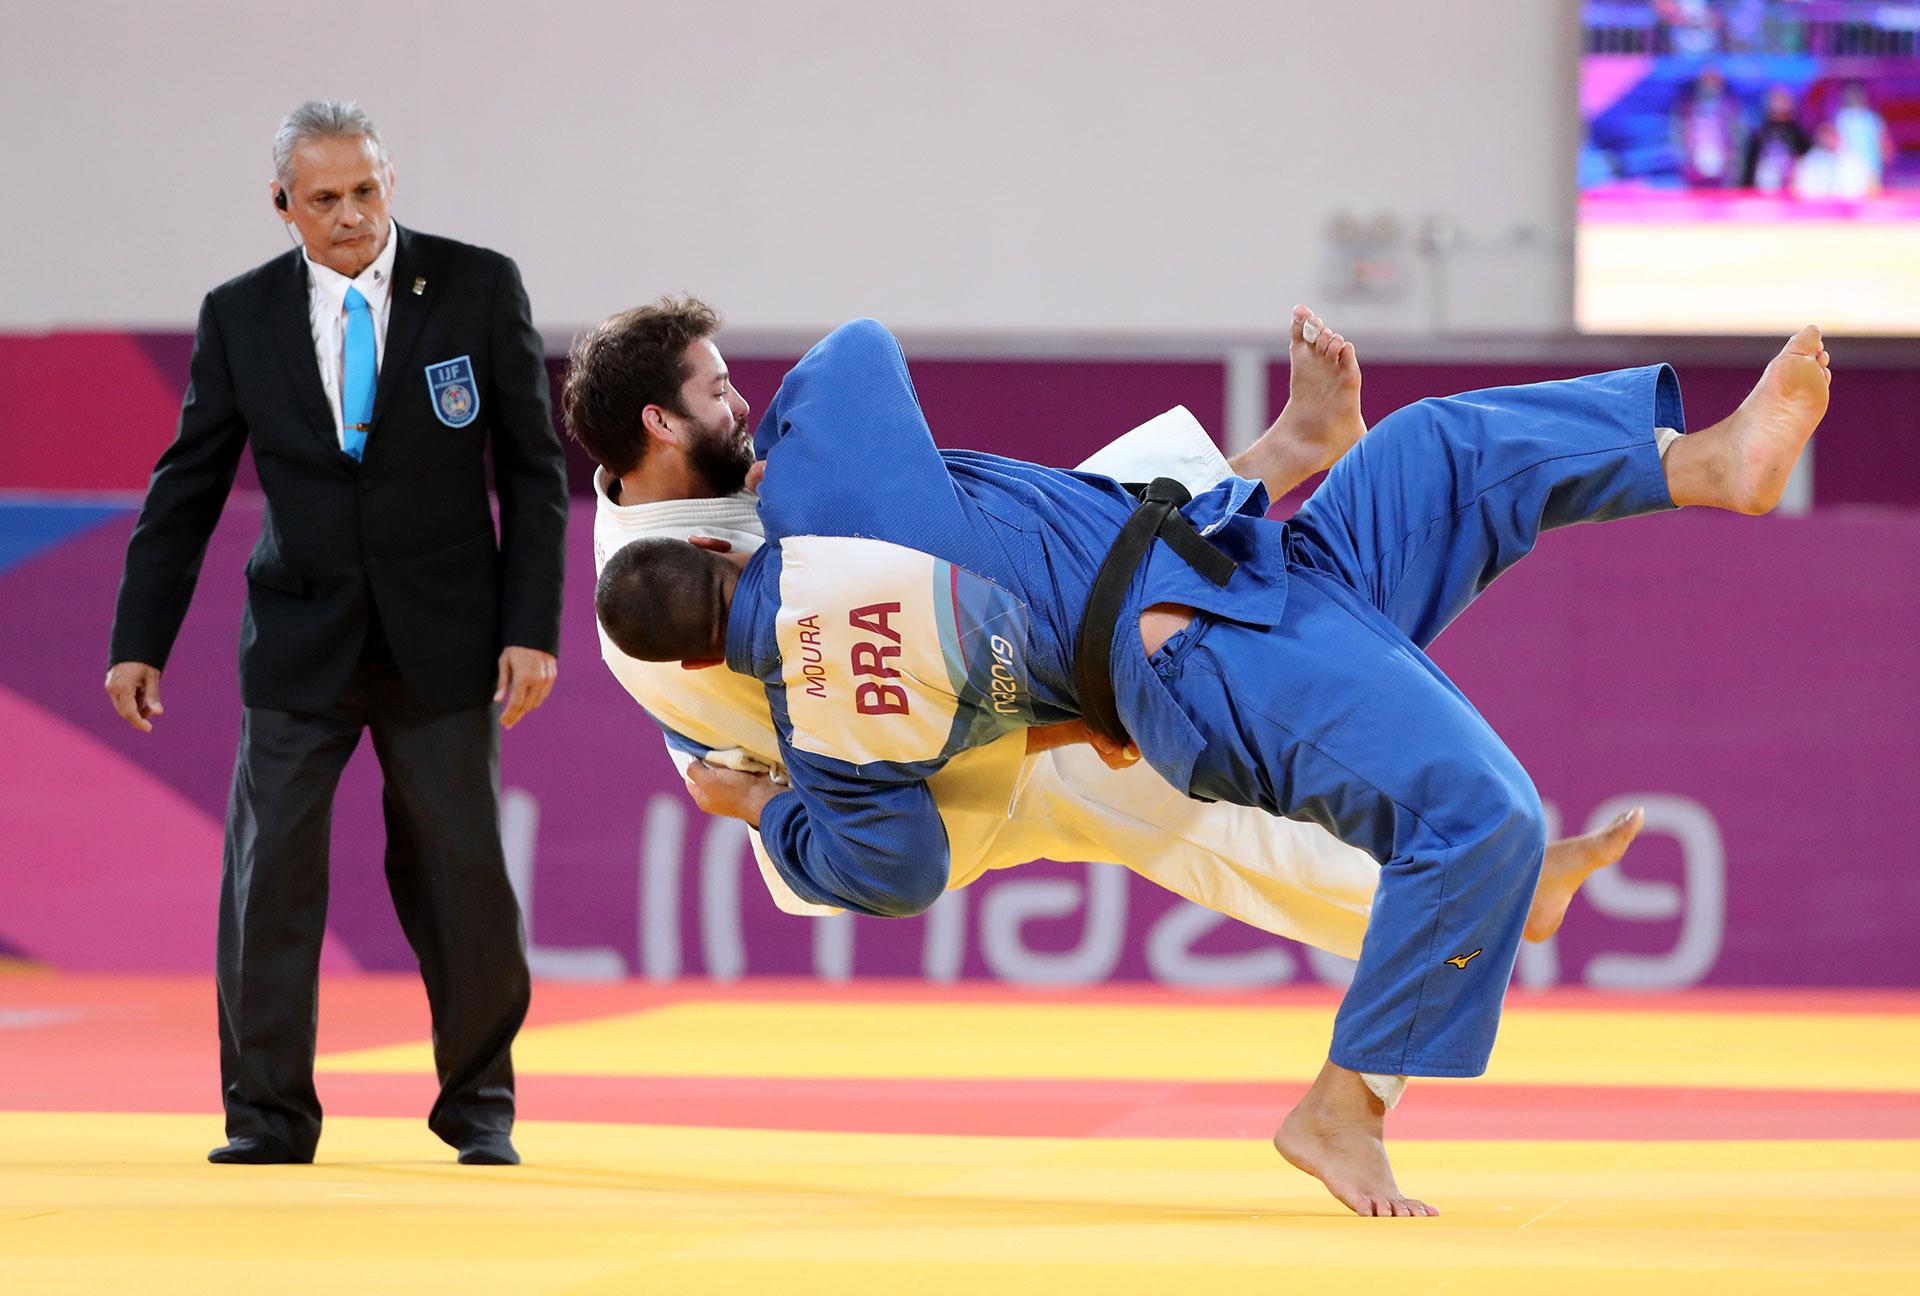 El combate por la medalla de bronce entre Ajax Tadehara, de Estados Unidos, y David Moura, de Brasil, en judo